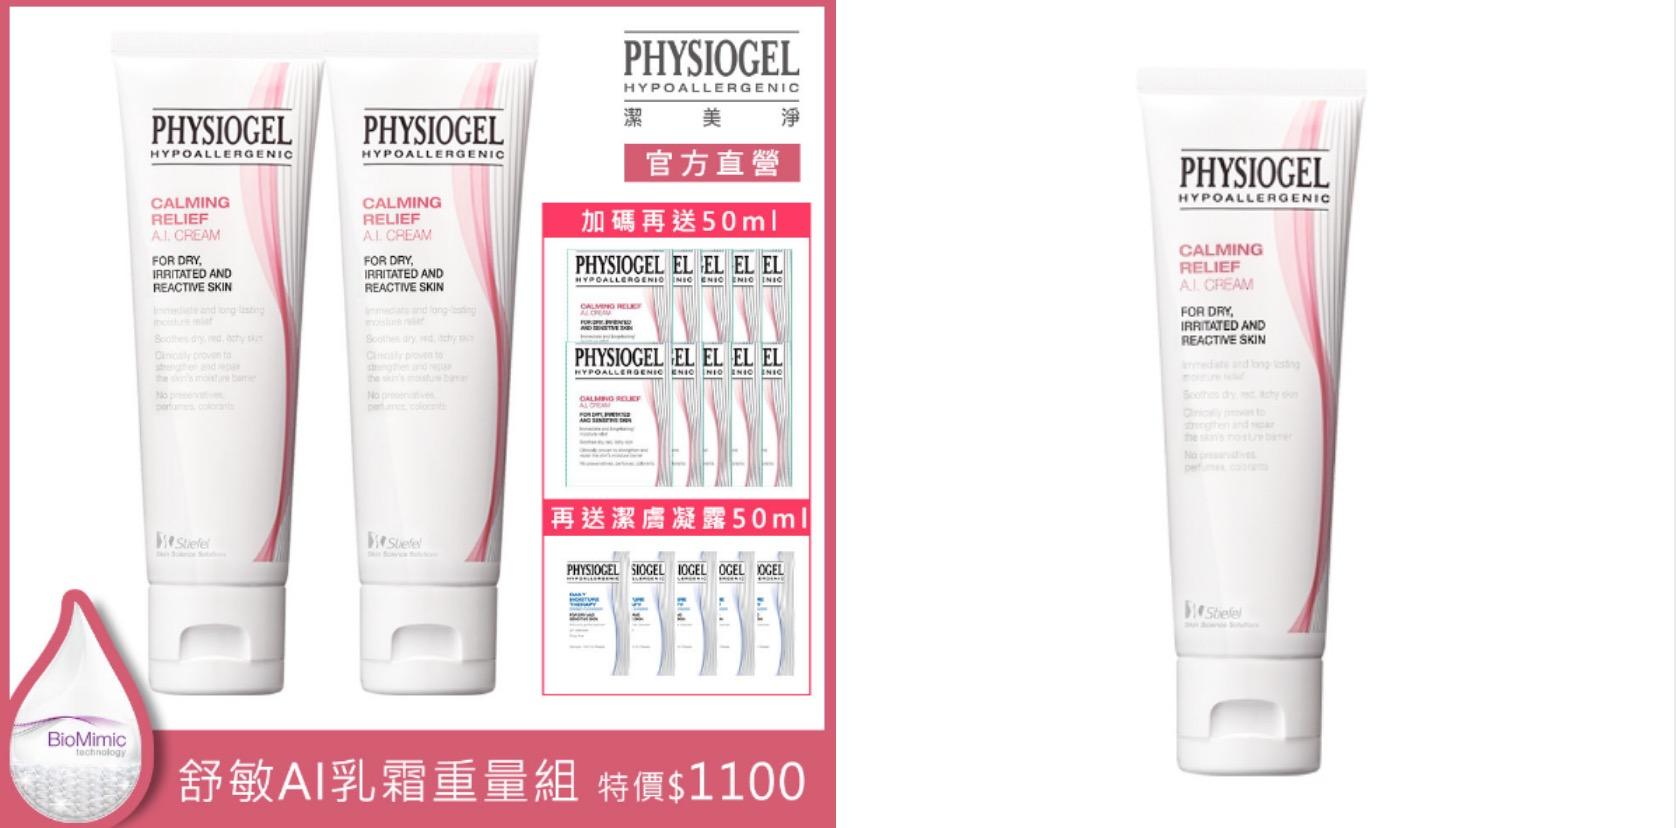 PHYSIOGEL 潔美淨是韓國銷售醫美品牌NO1,乾燥敏感肌首選!純淨溫和低敏配方搭配濃厚乳霜質地,能高效滋潤肌膚,緩解乾燥泛紅、回復健康均勻膚色,0~100歲全齡適用。